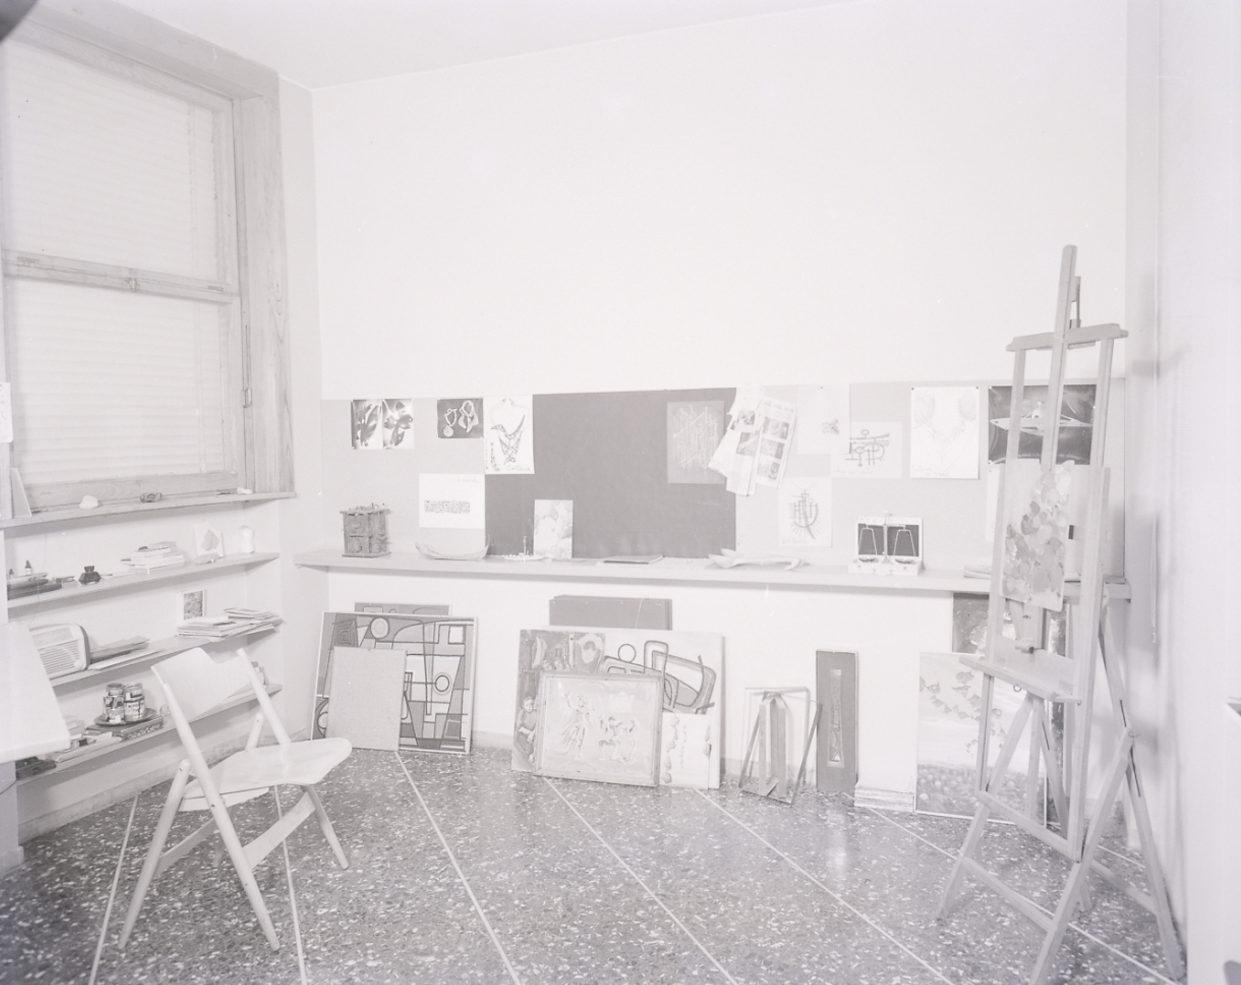 Paolo Monti, Atelier 3P, 1960